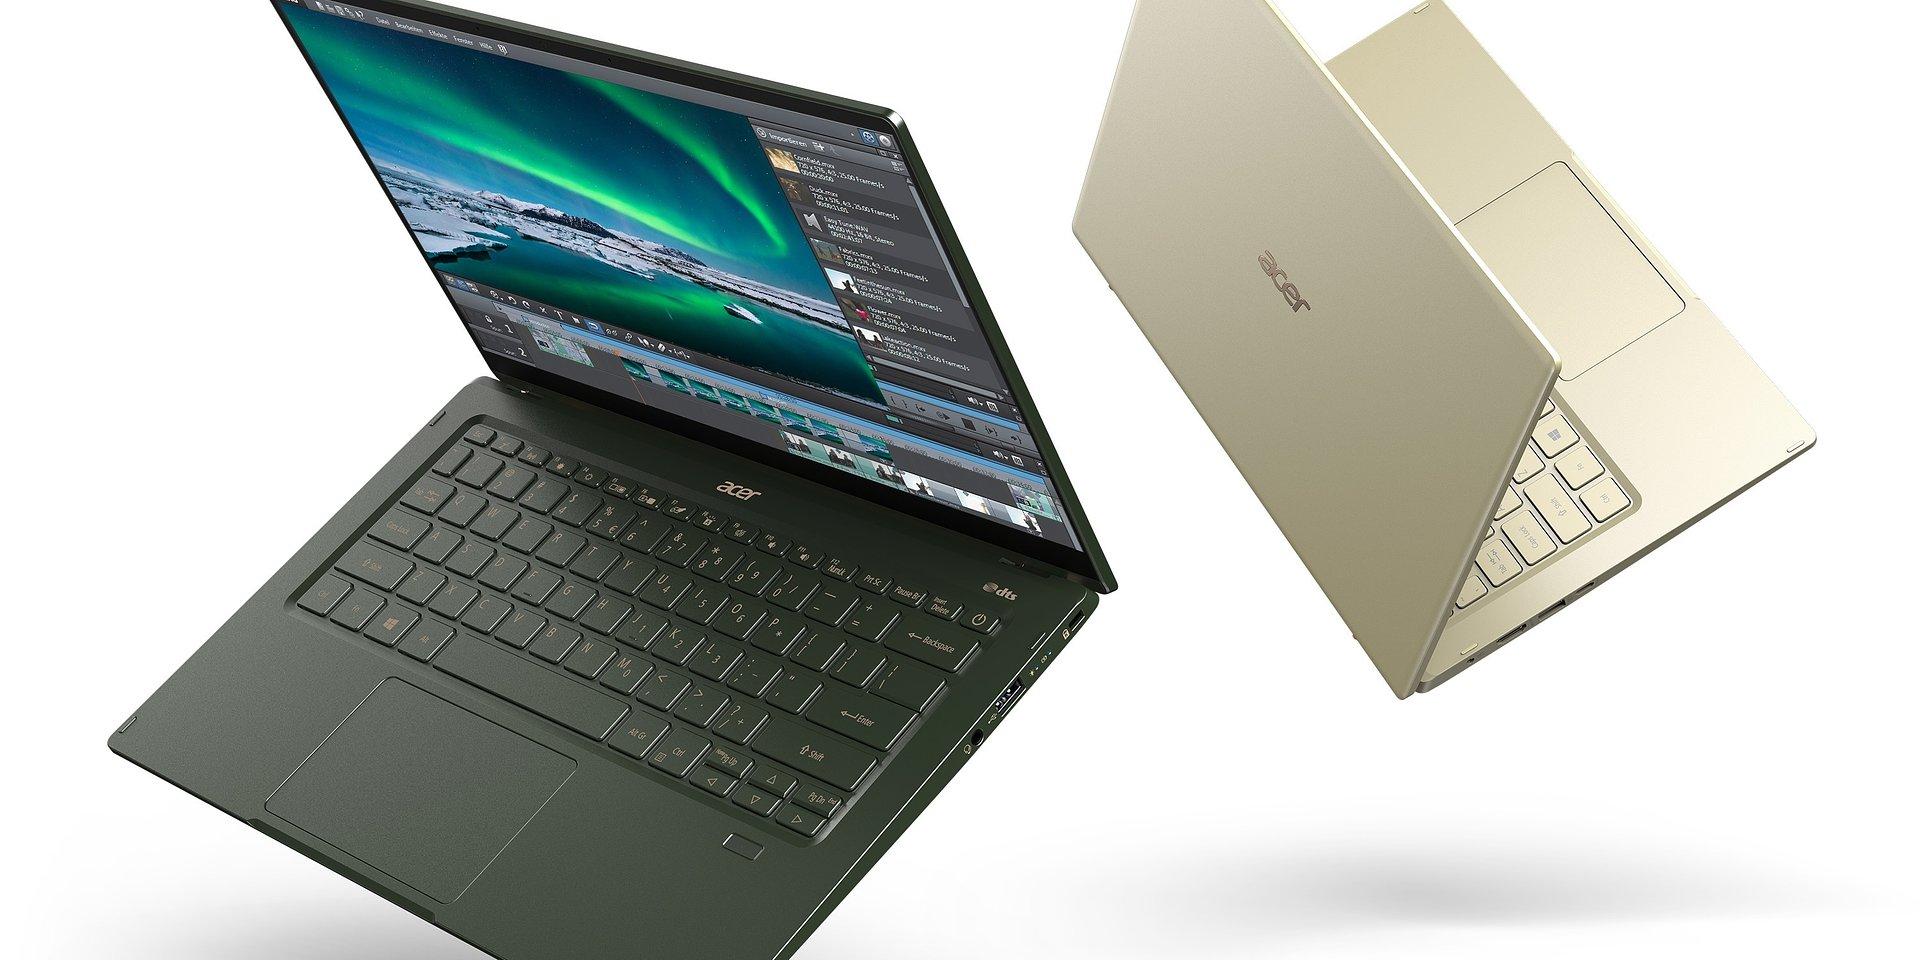 Połączenie estetyki, wydajności i mobilności. Acer Swift 5 w najnowszej odsłonie